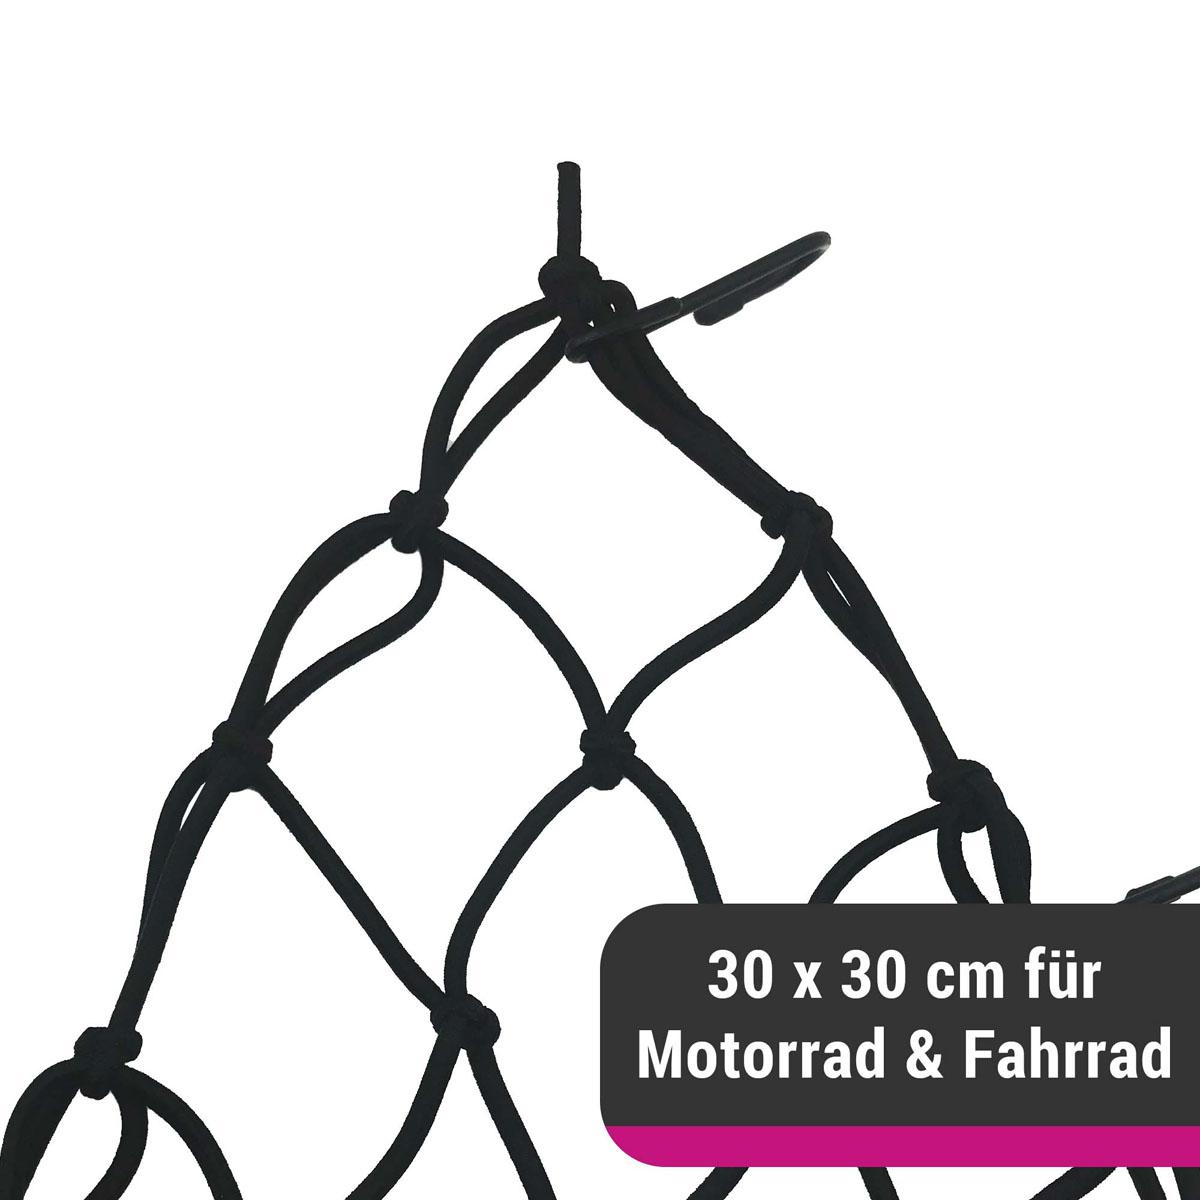 D&W elastisches Gepäcknetz für Motorrad oder Fahrrad 30 x 30 cm